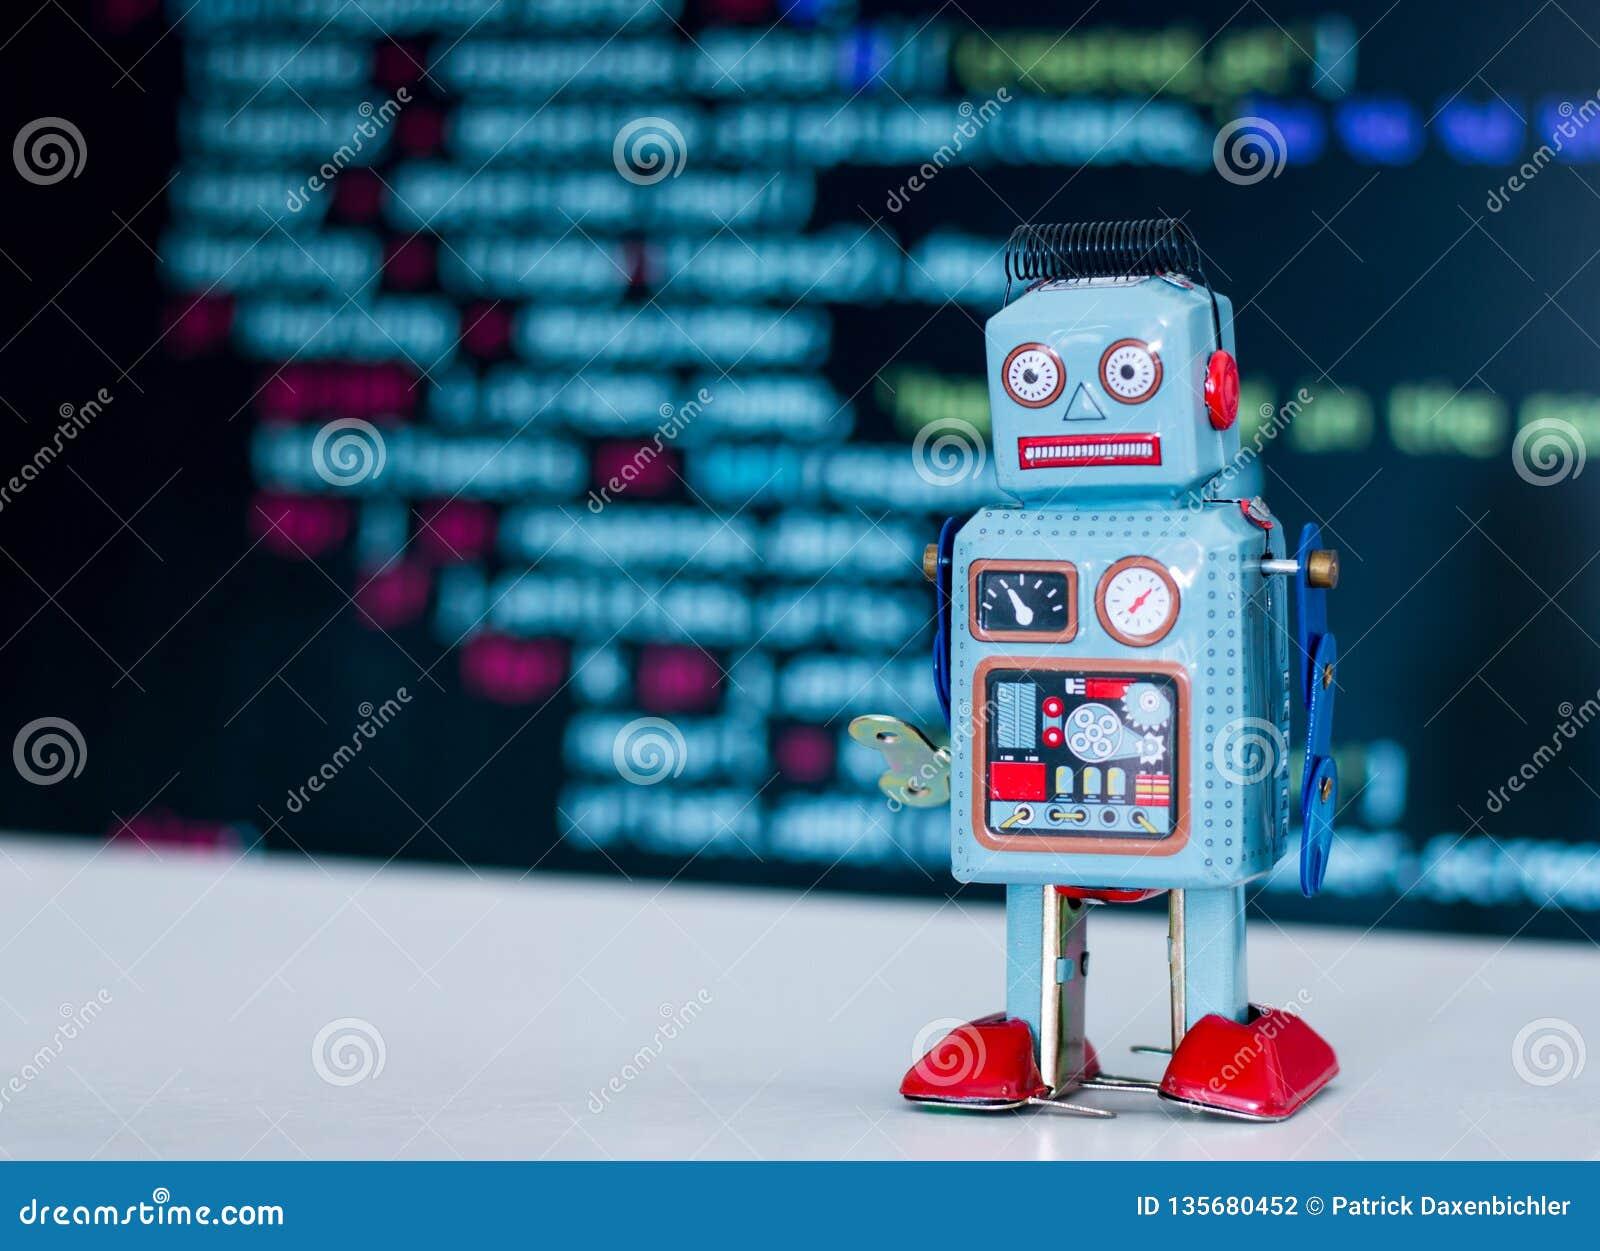 Symbol For A Chatbot Or Social Bot And Algorithms, Program